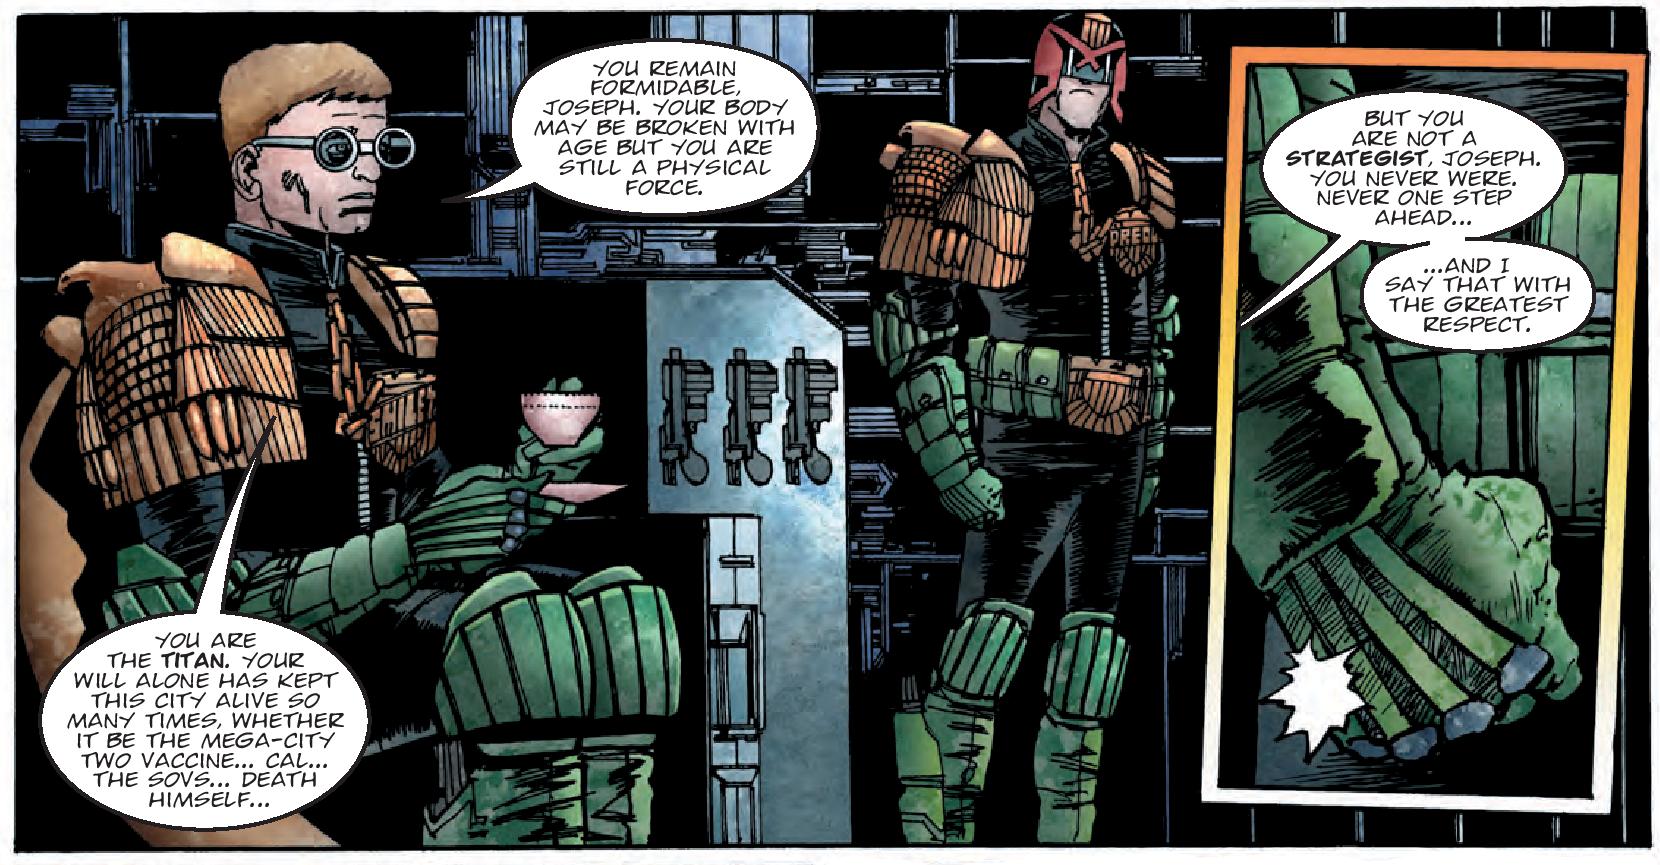 Judge Dredd: The Small House 2000 AD